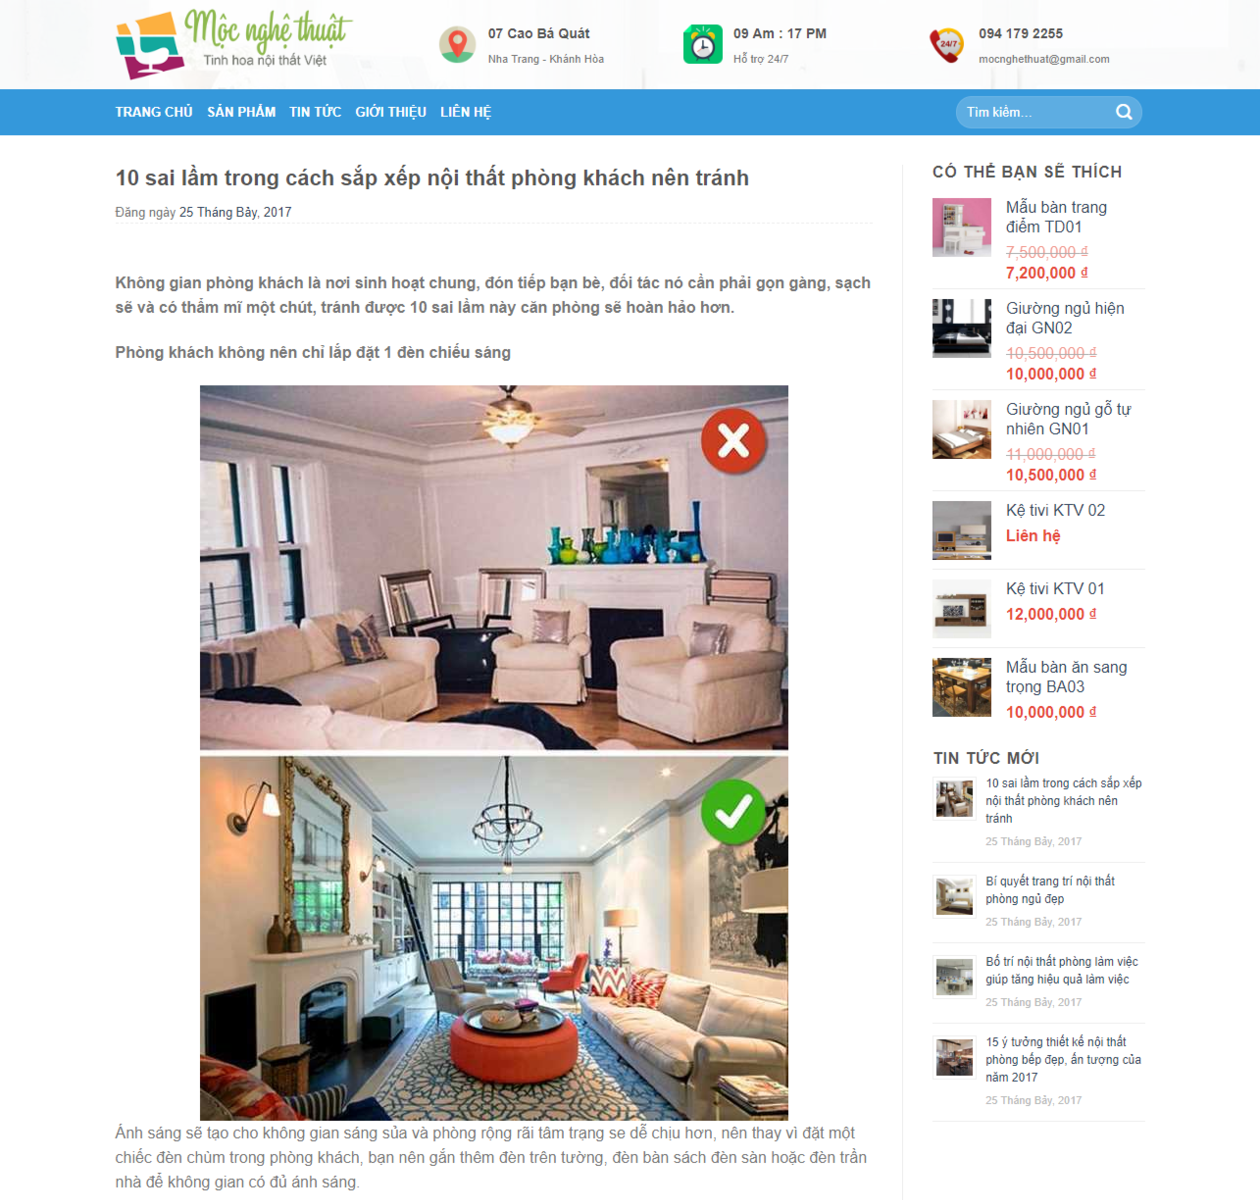 Mẫu website bán nội thất đẹp thumbnail